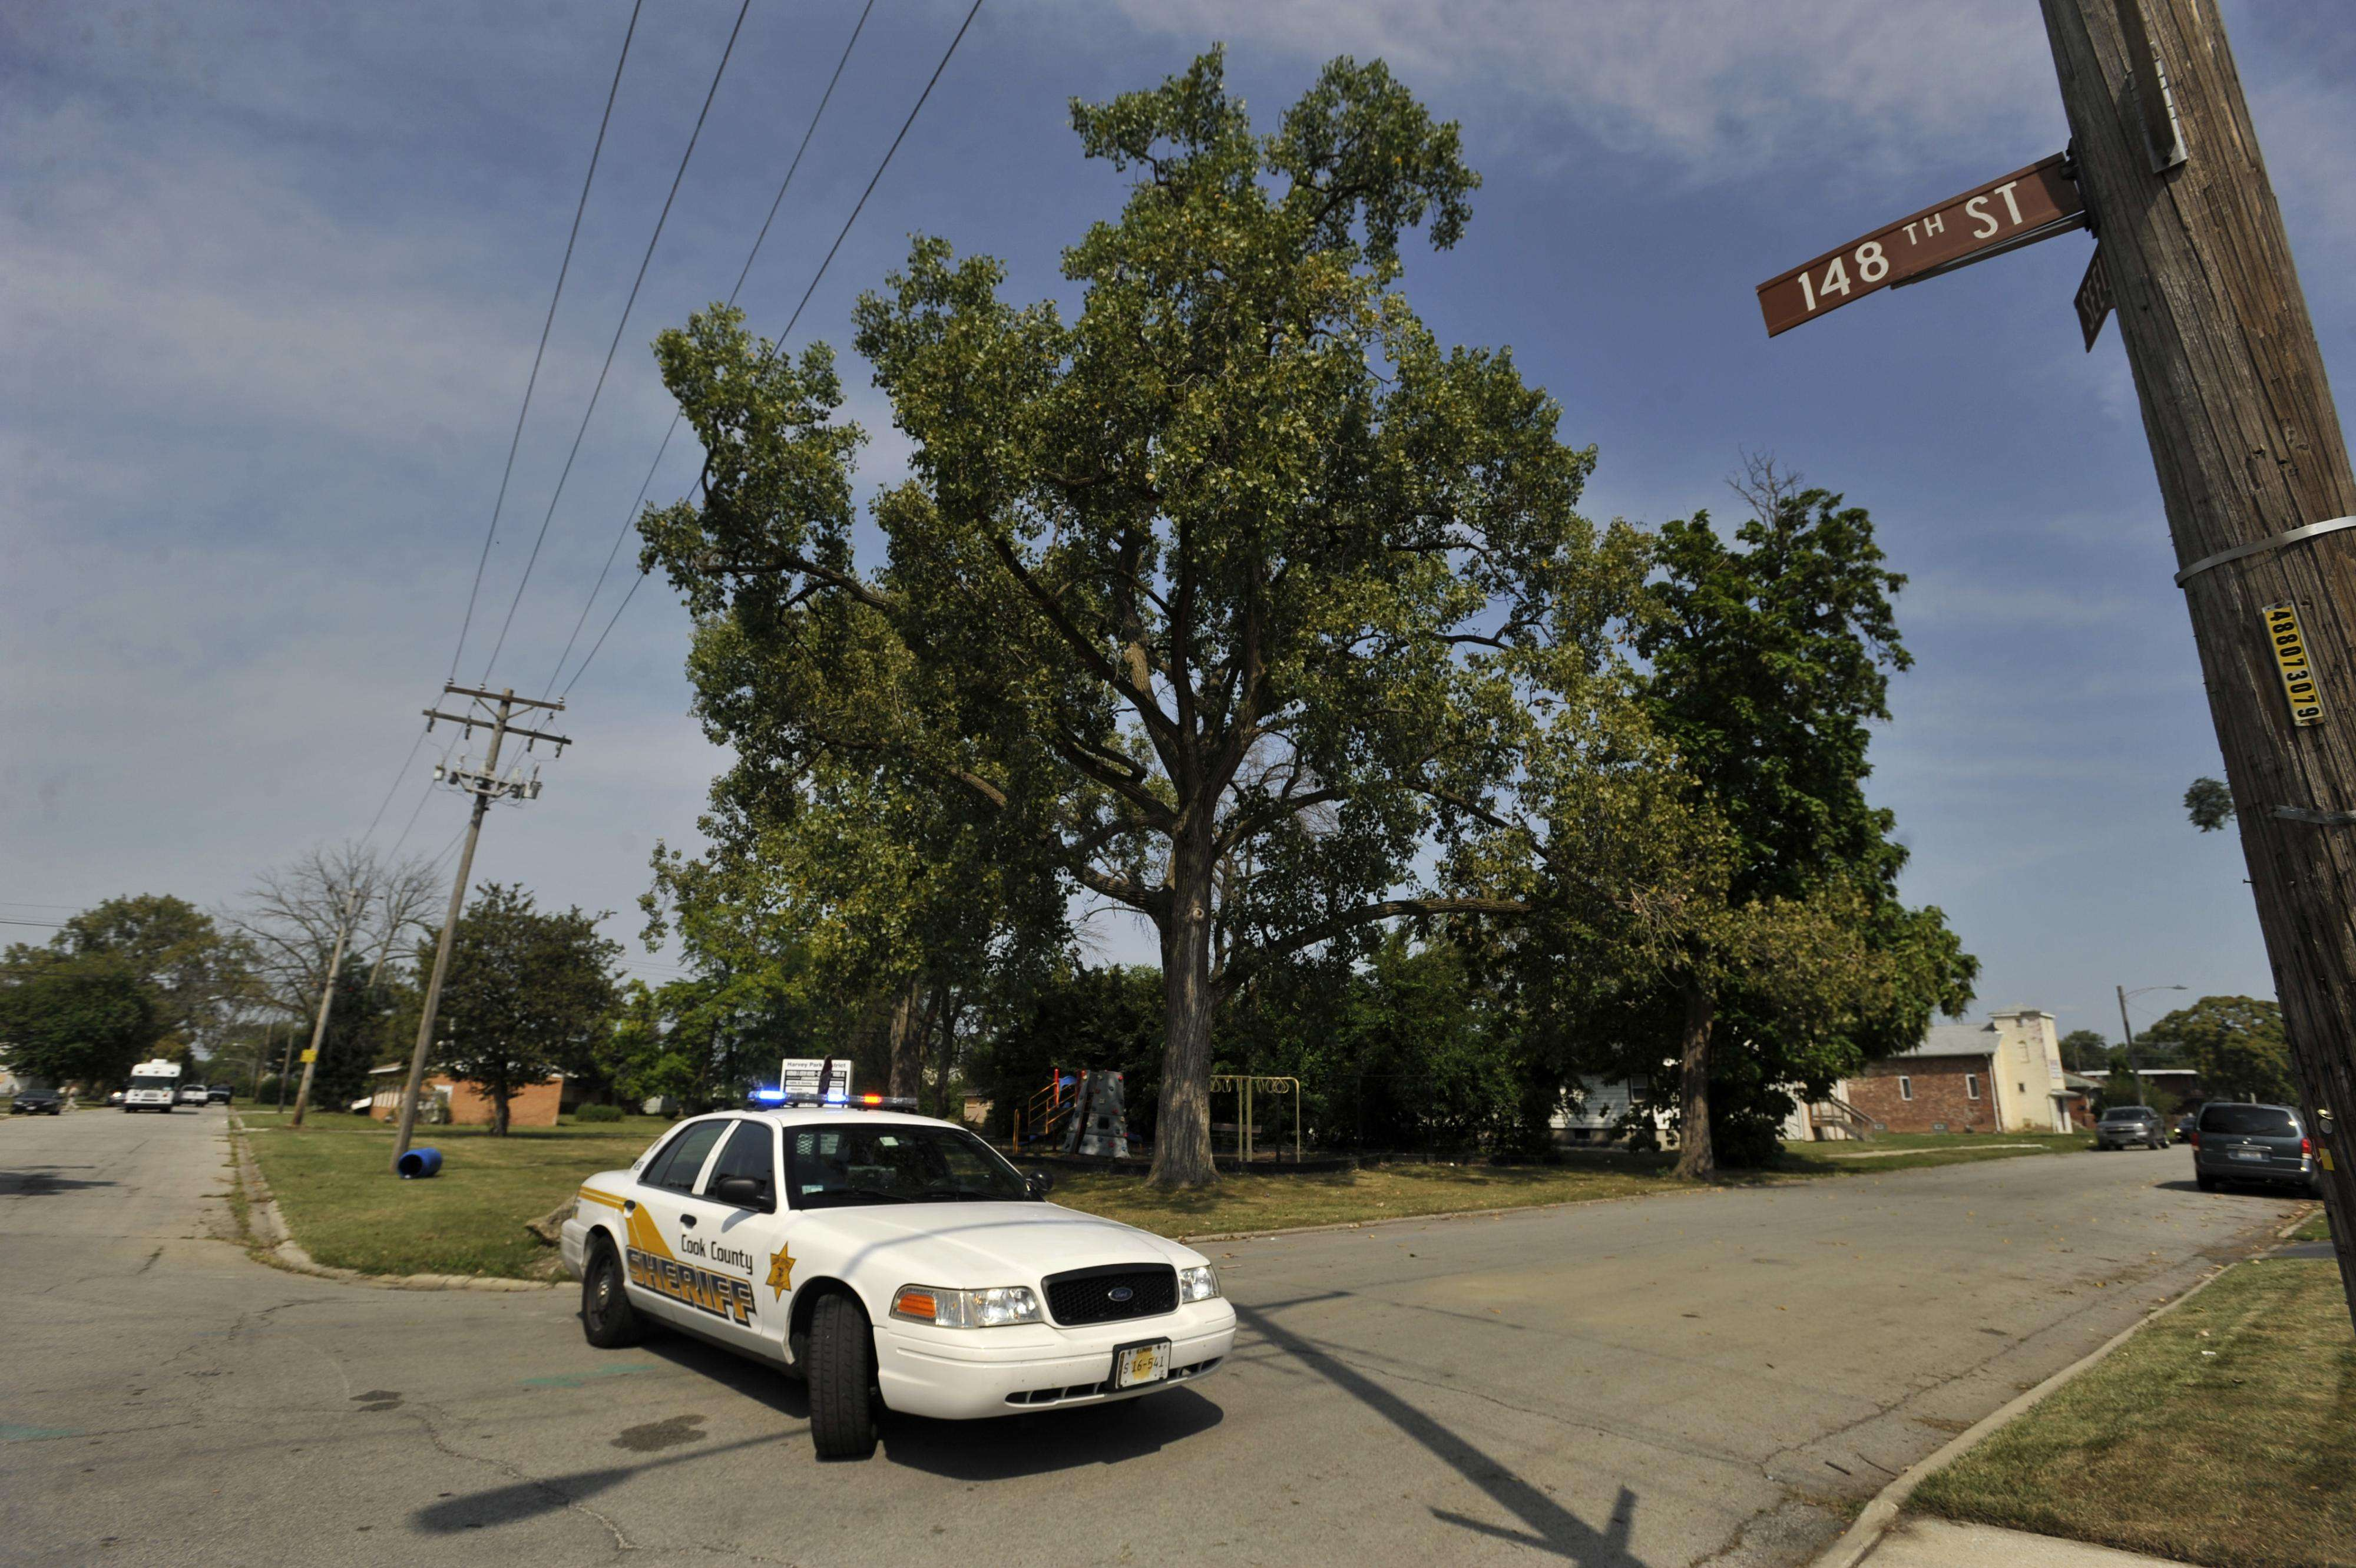 El sheriff del condado identificó al agresor y suicida como un hombre de 51 años de edad y que las edades de los niños están entre los 3 meses a 10 años. Foto: Archivo/AP en español